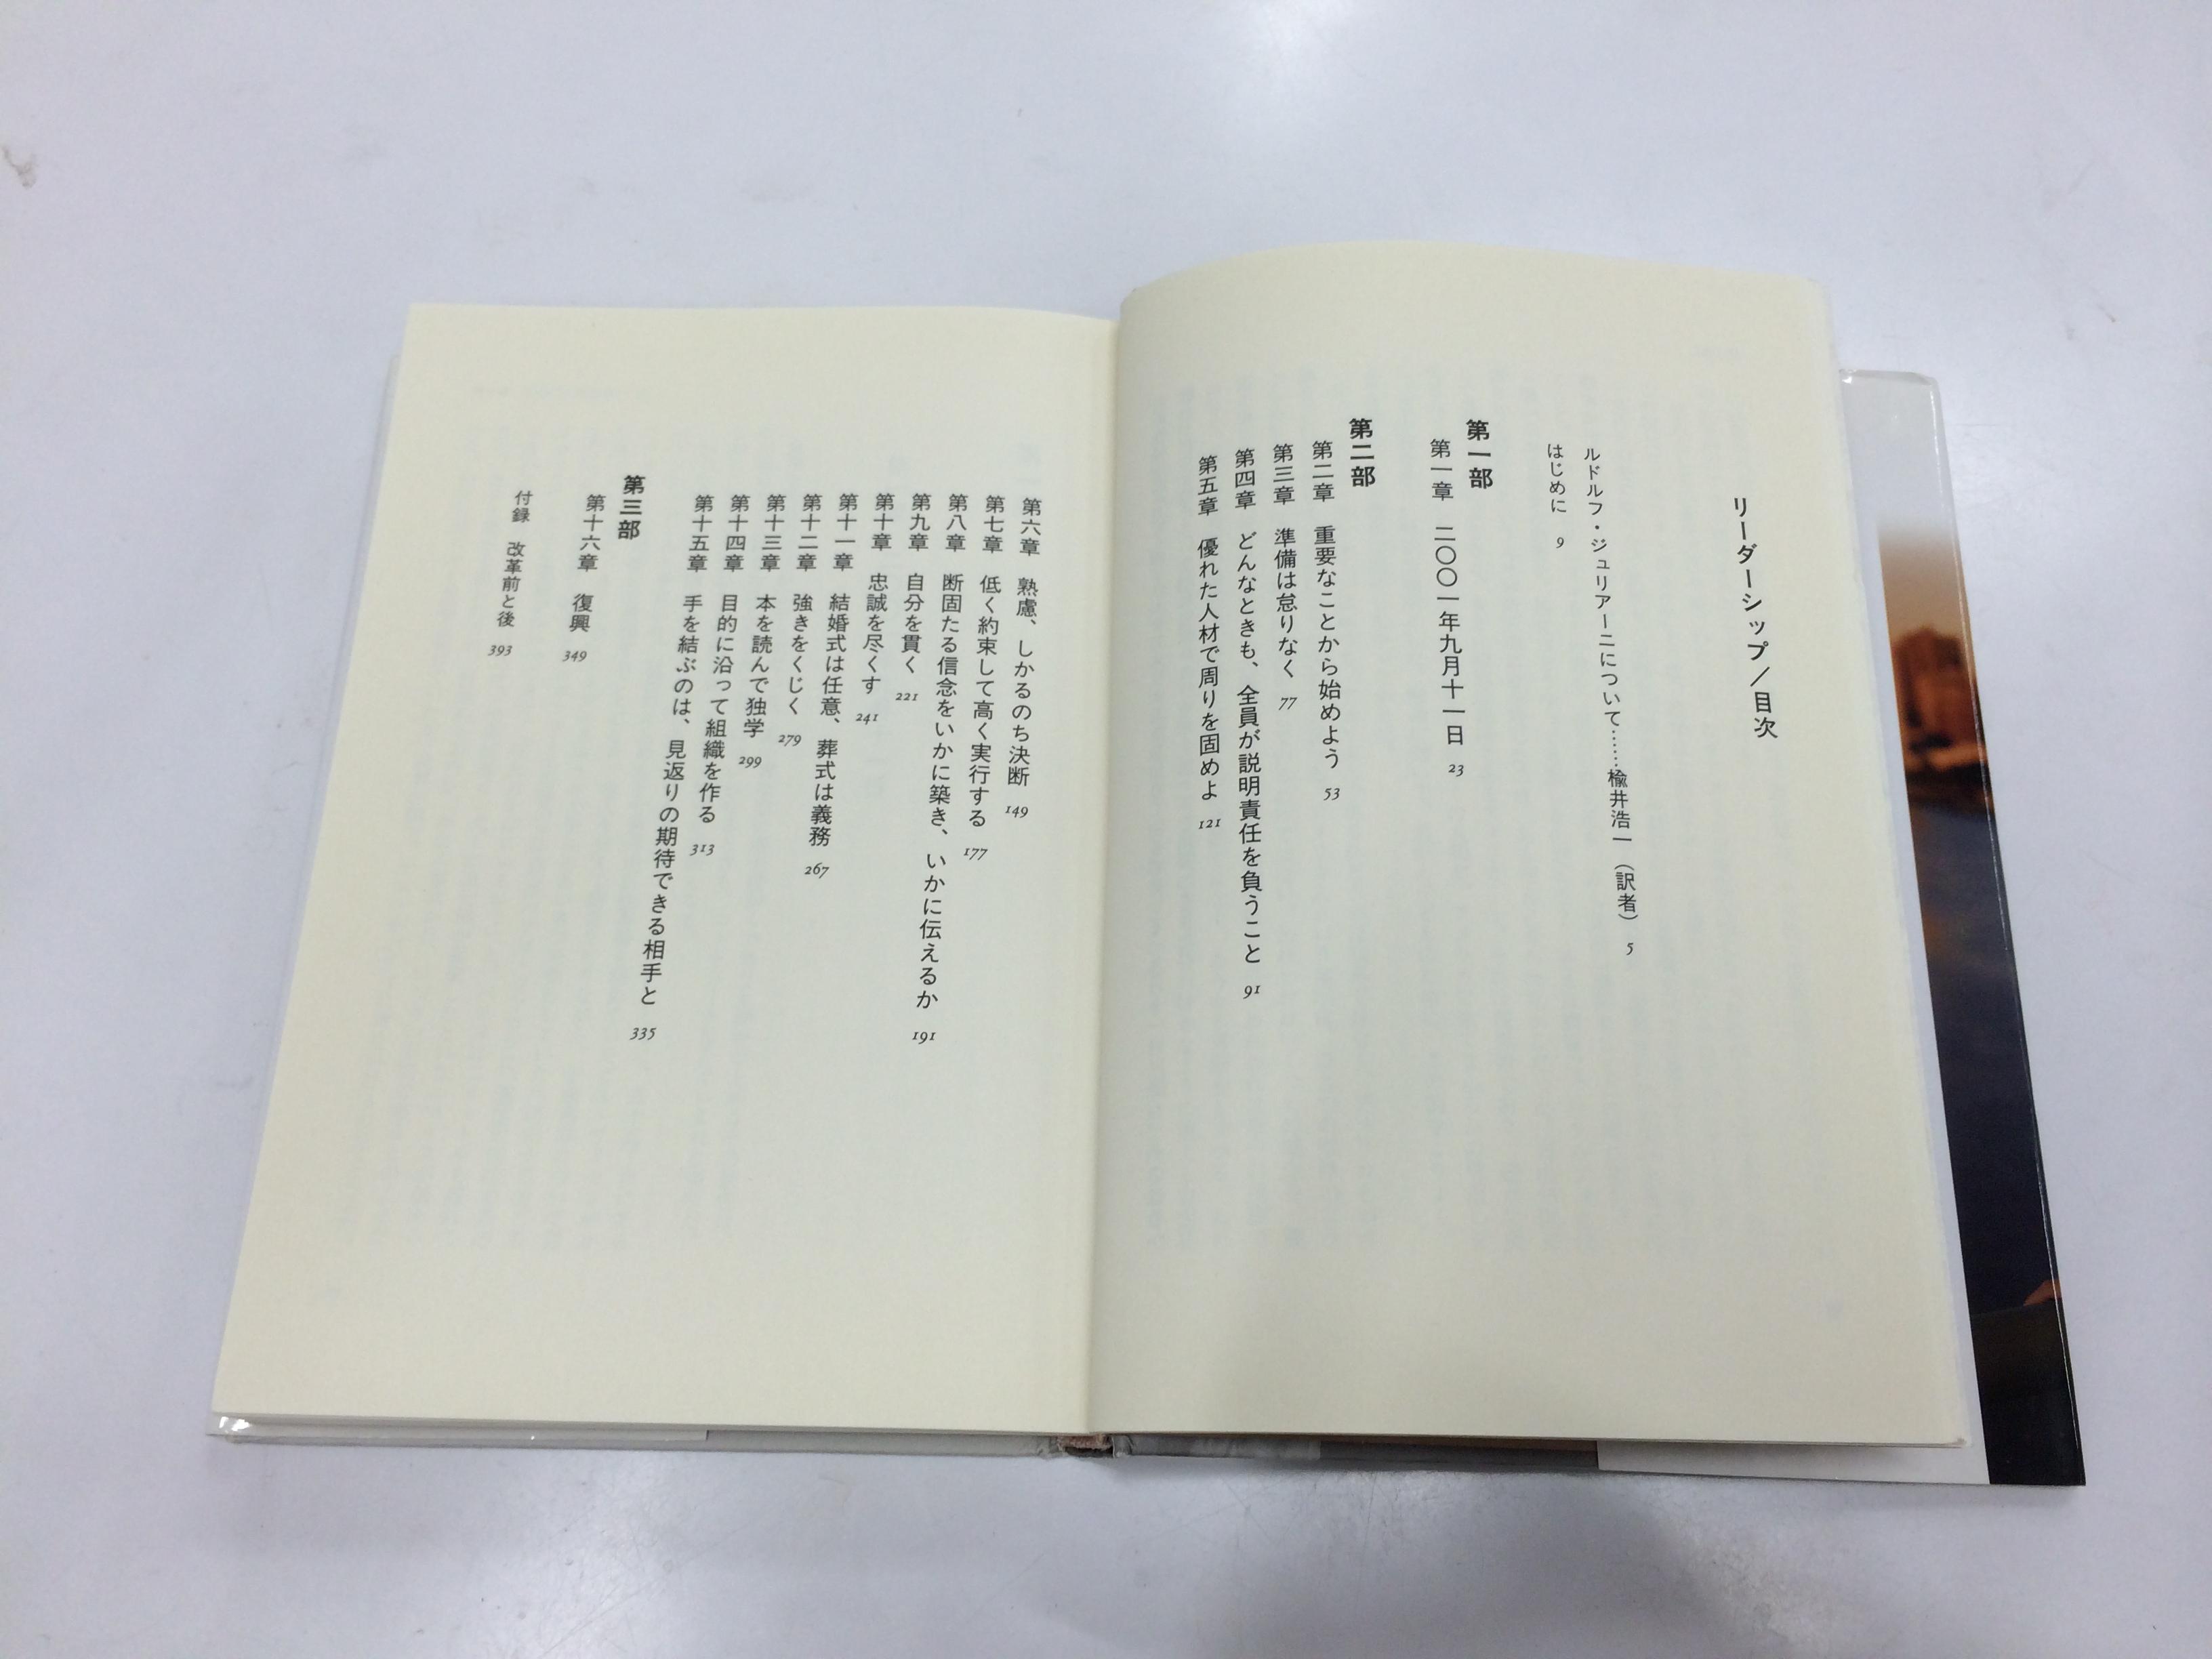 https://lixil-reformshop.jp/shop/SC00182004/contents.JPG